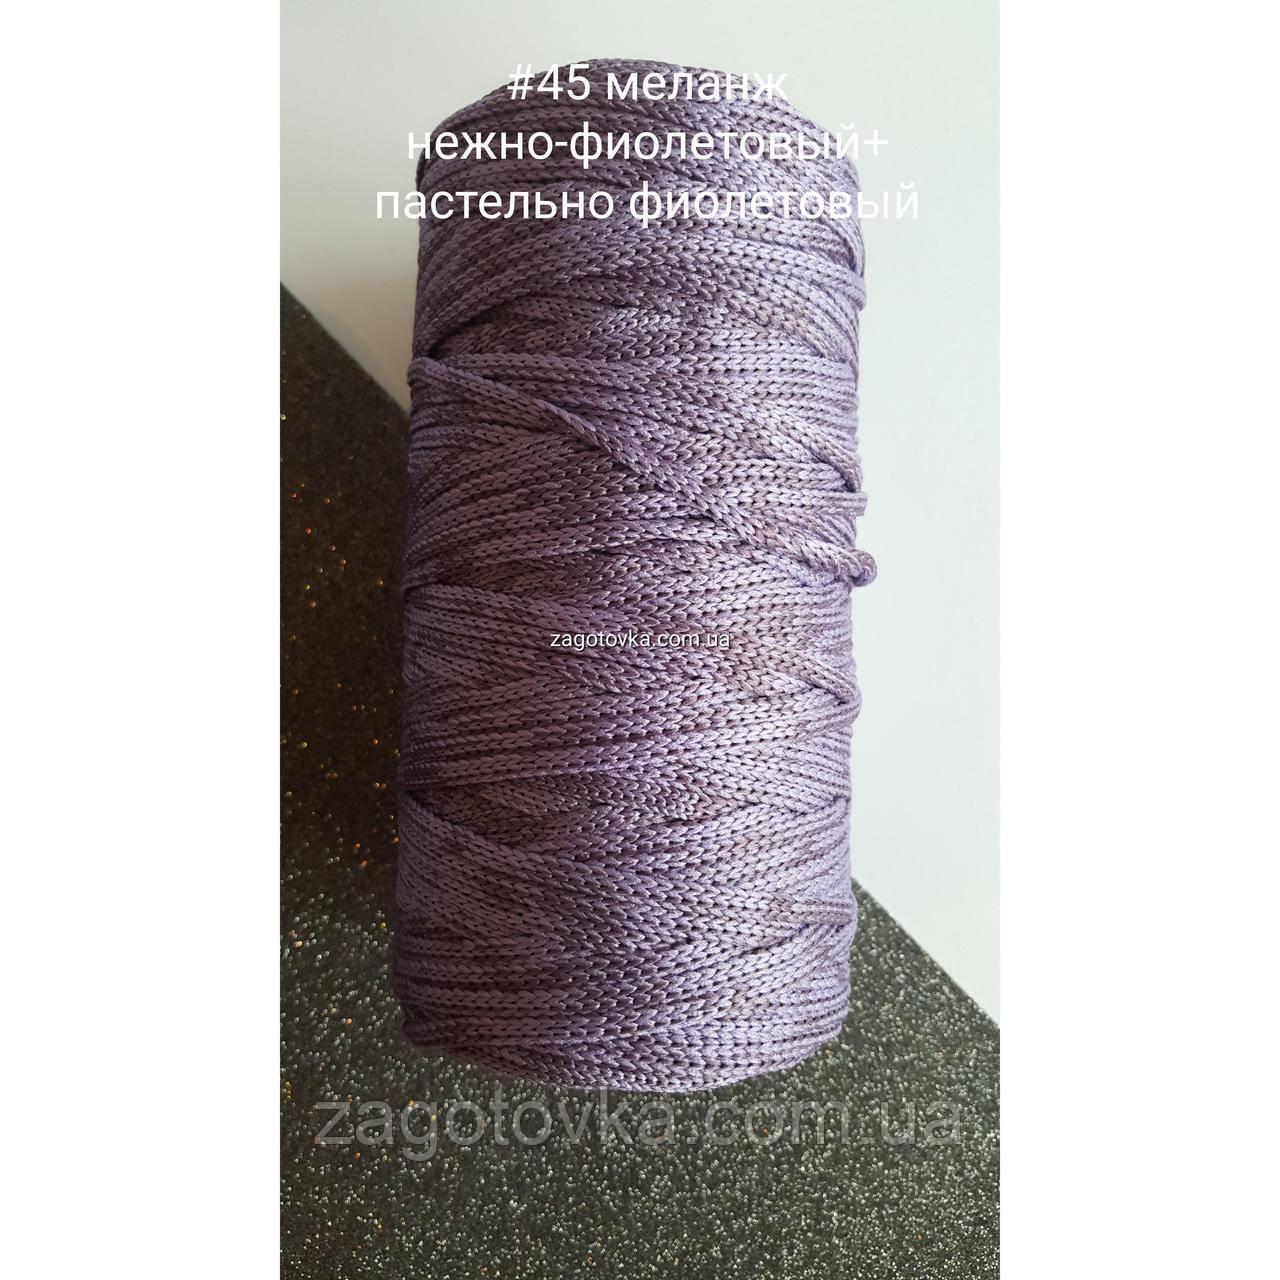 Шнур поліефірний без сердечника 5мм #45 ніжно фіолетовий+пастельно фіолетовий